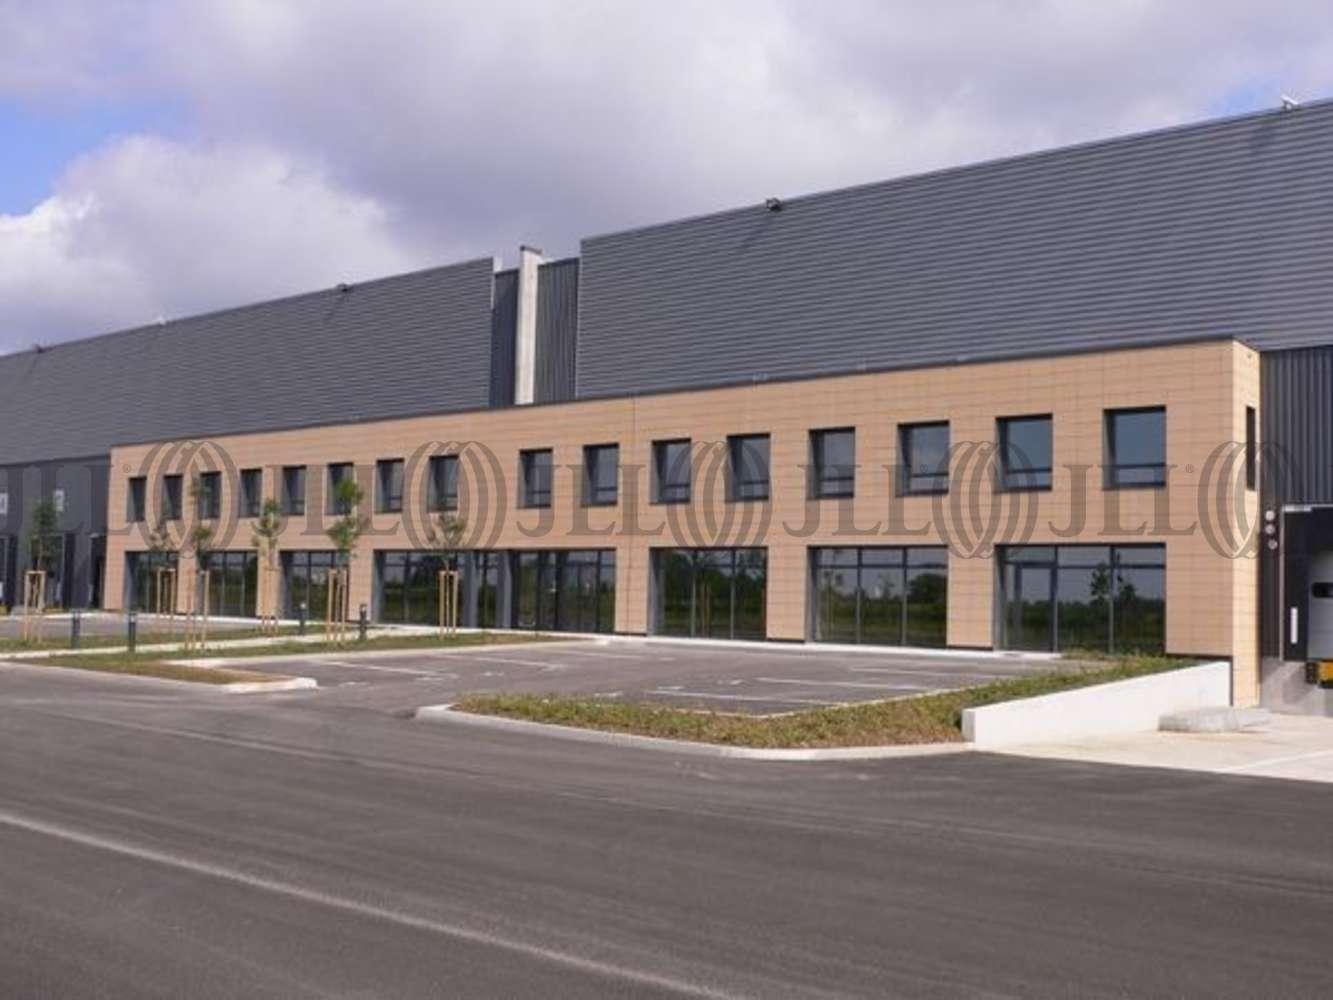 Plateformes logistiques Beaune, 21200 - Entepôt logistique - Axe Lyon-Dijon (21) - 10021051